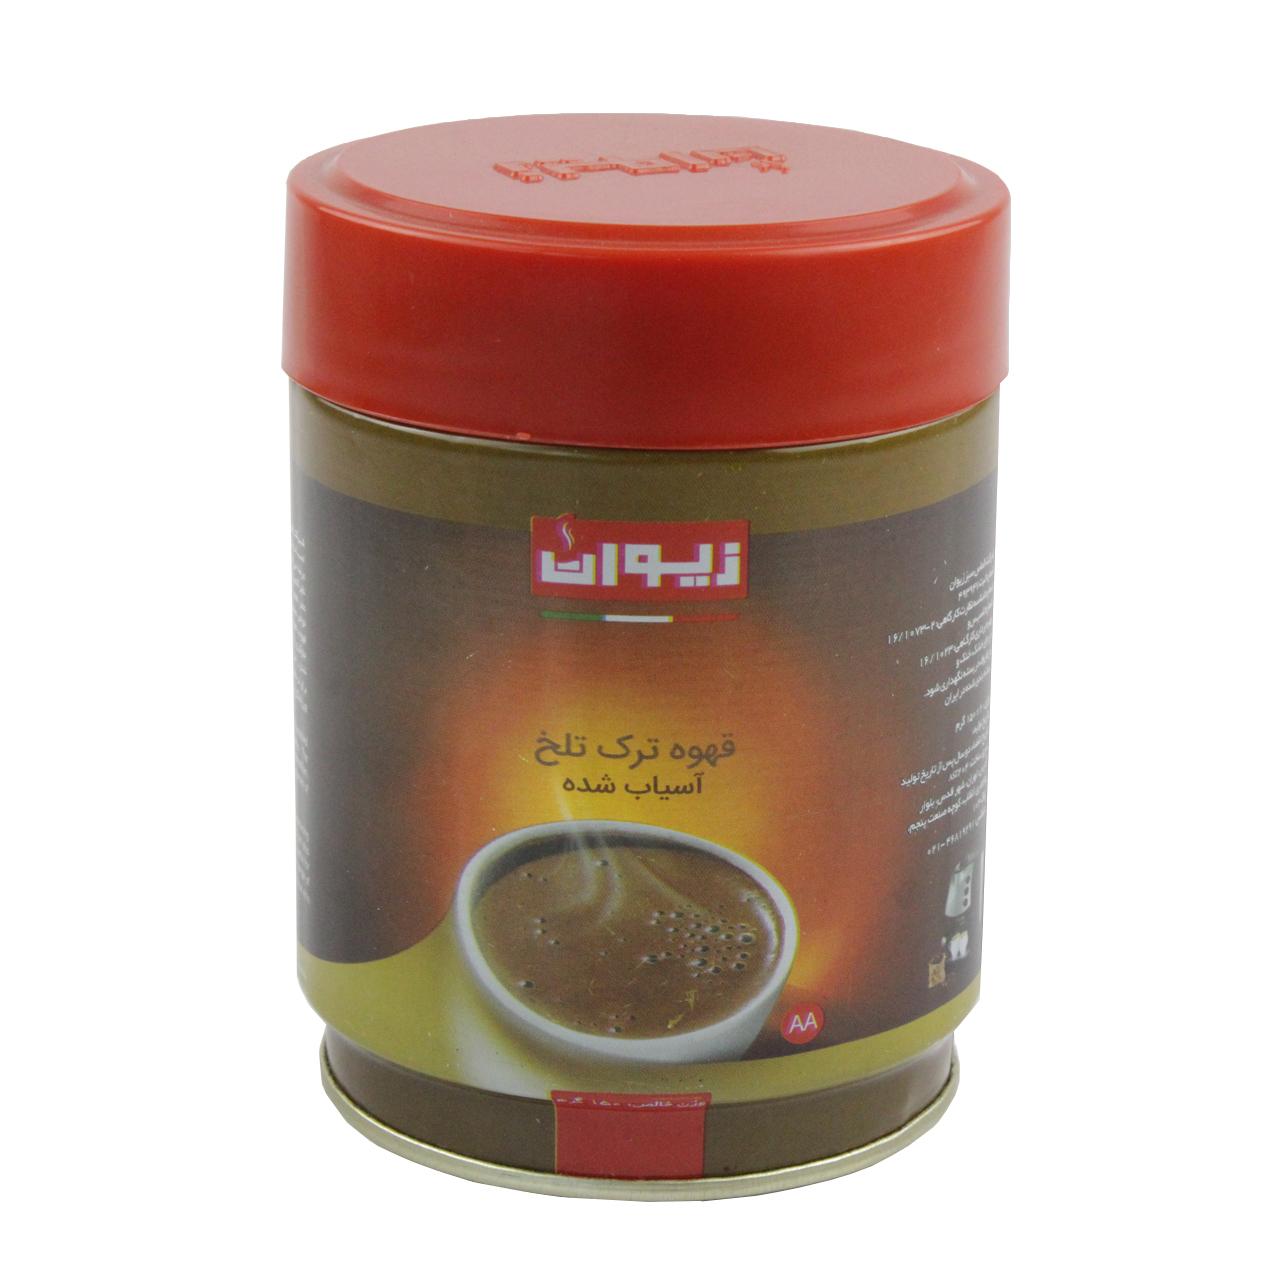 پودر قهوه ترک زیوان مدل Dark Turkish مقدار 150 گرم